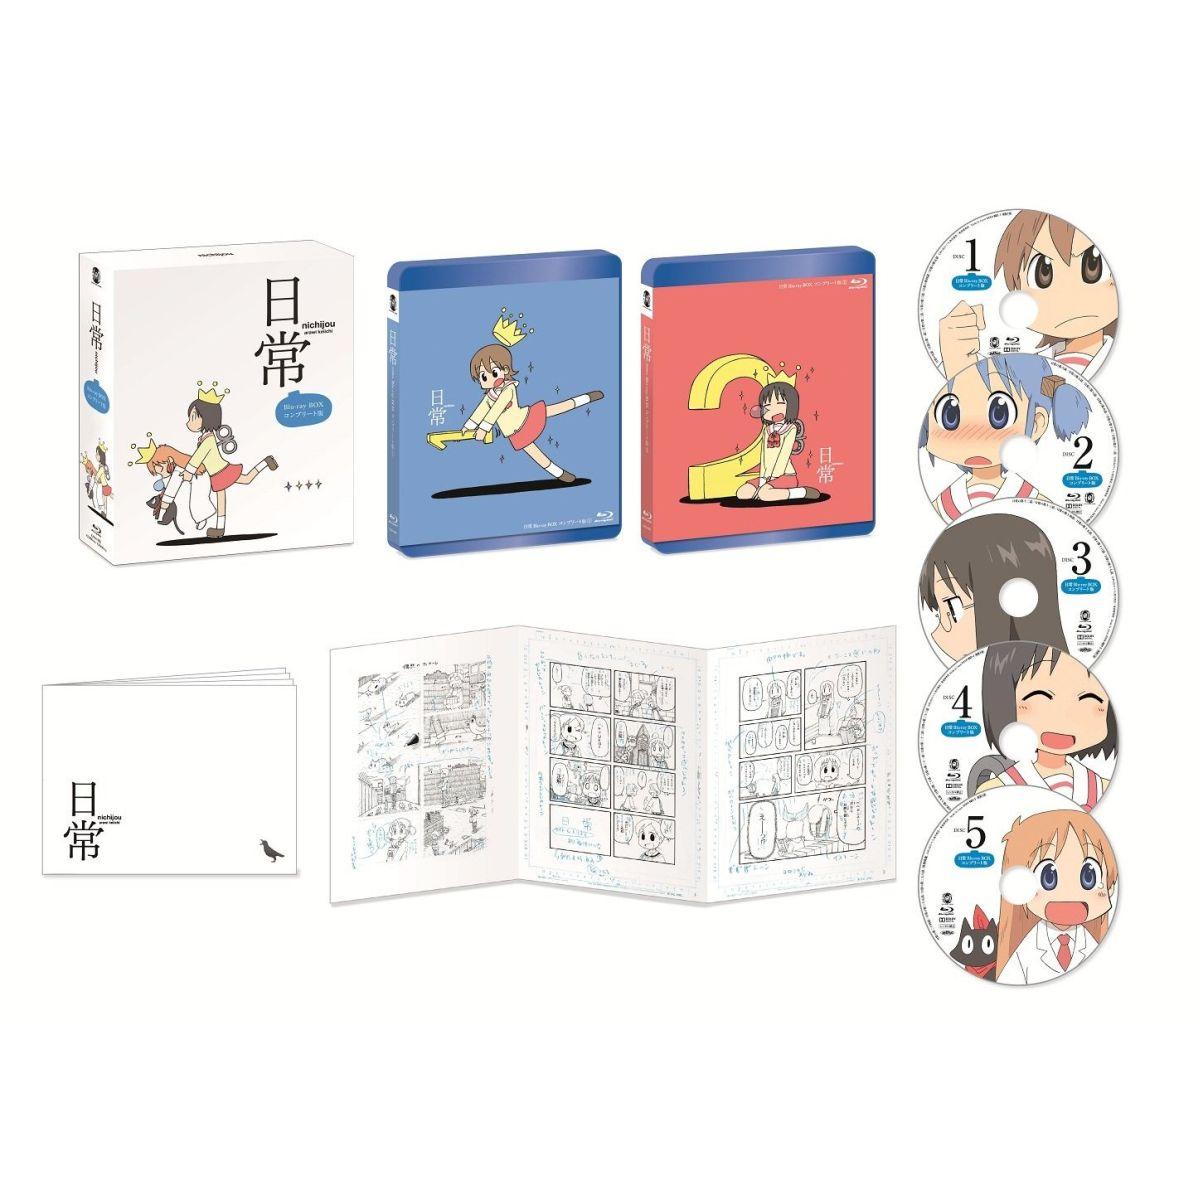 日常 Blu-ray BOX コンプリート版【Blu-ray】 [ 本多真梨子 ]...:book:16406825